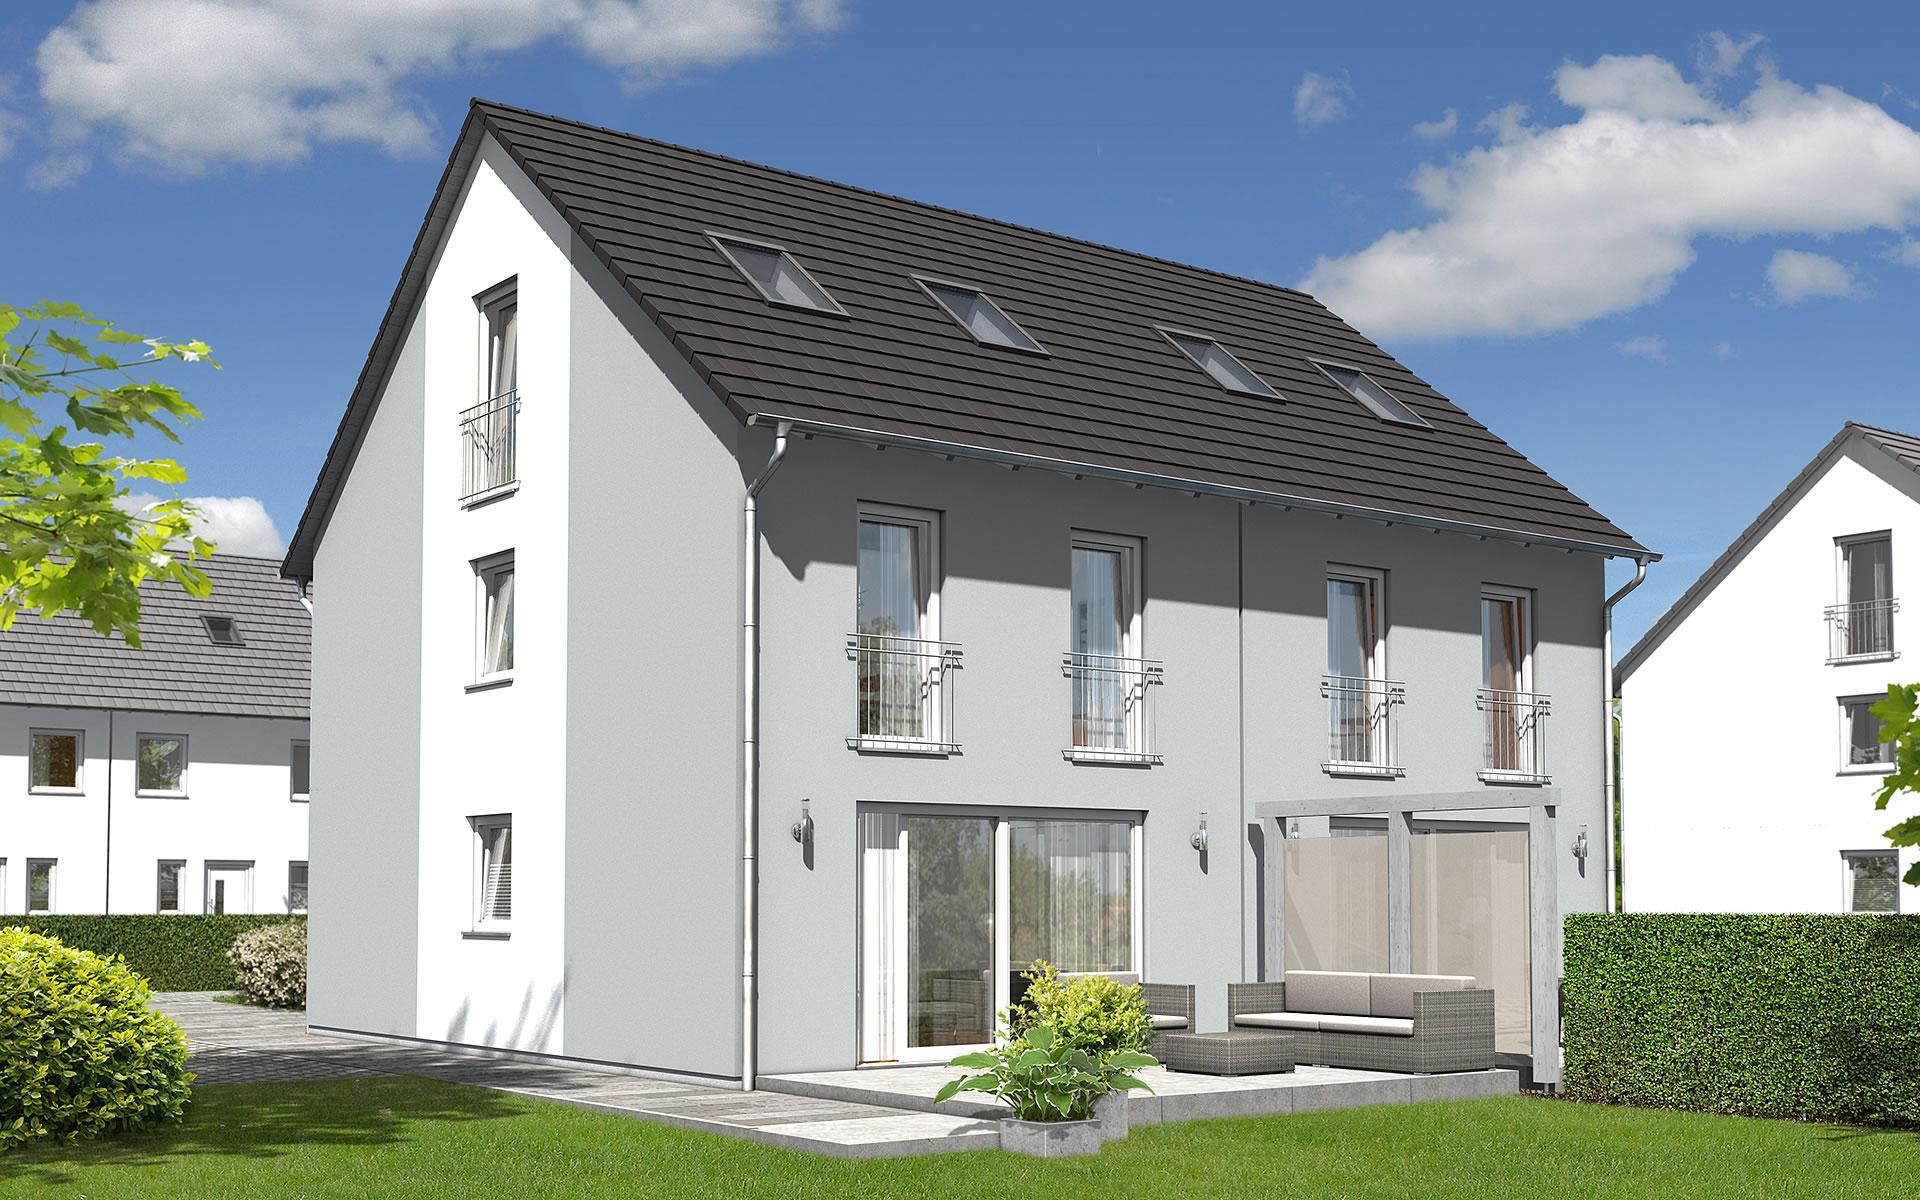 Doppelhaus Mainz 128 - modern von Town & Country Haus Lizenzgeber GmbH